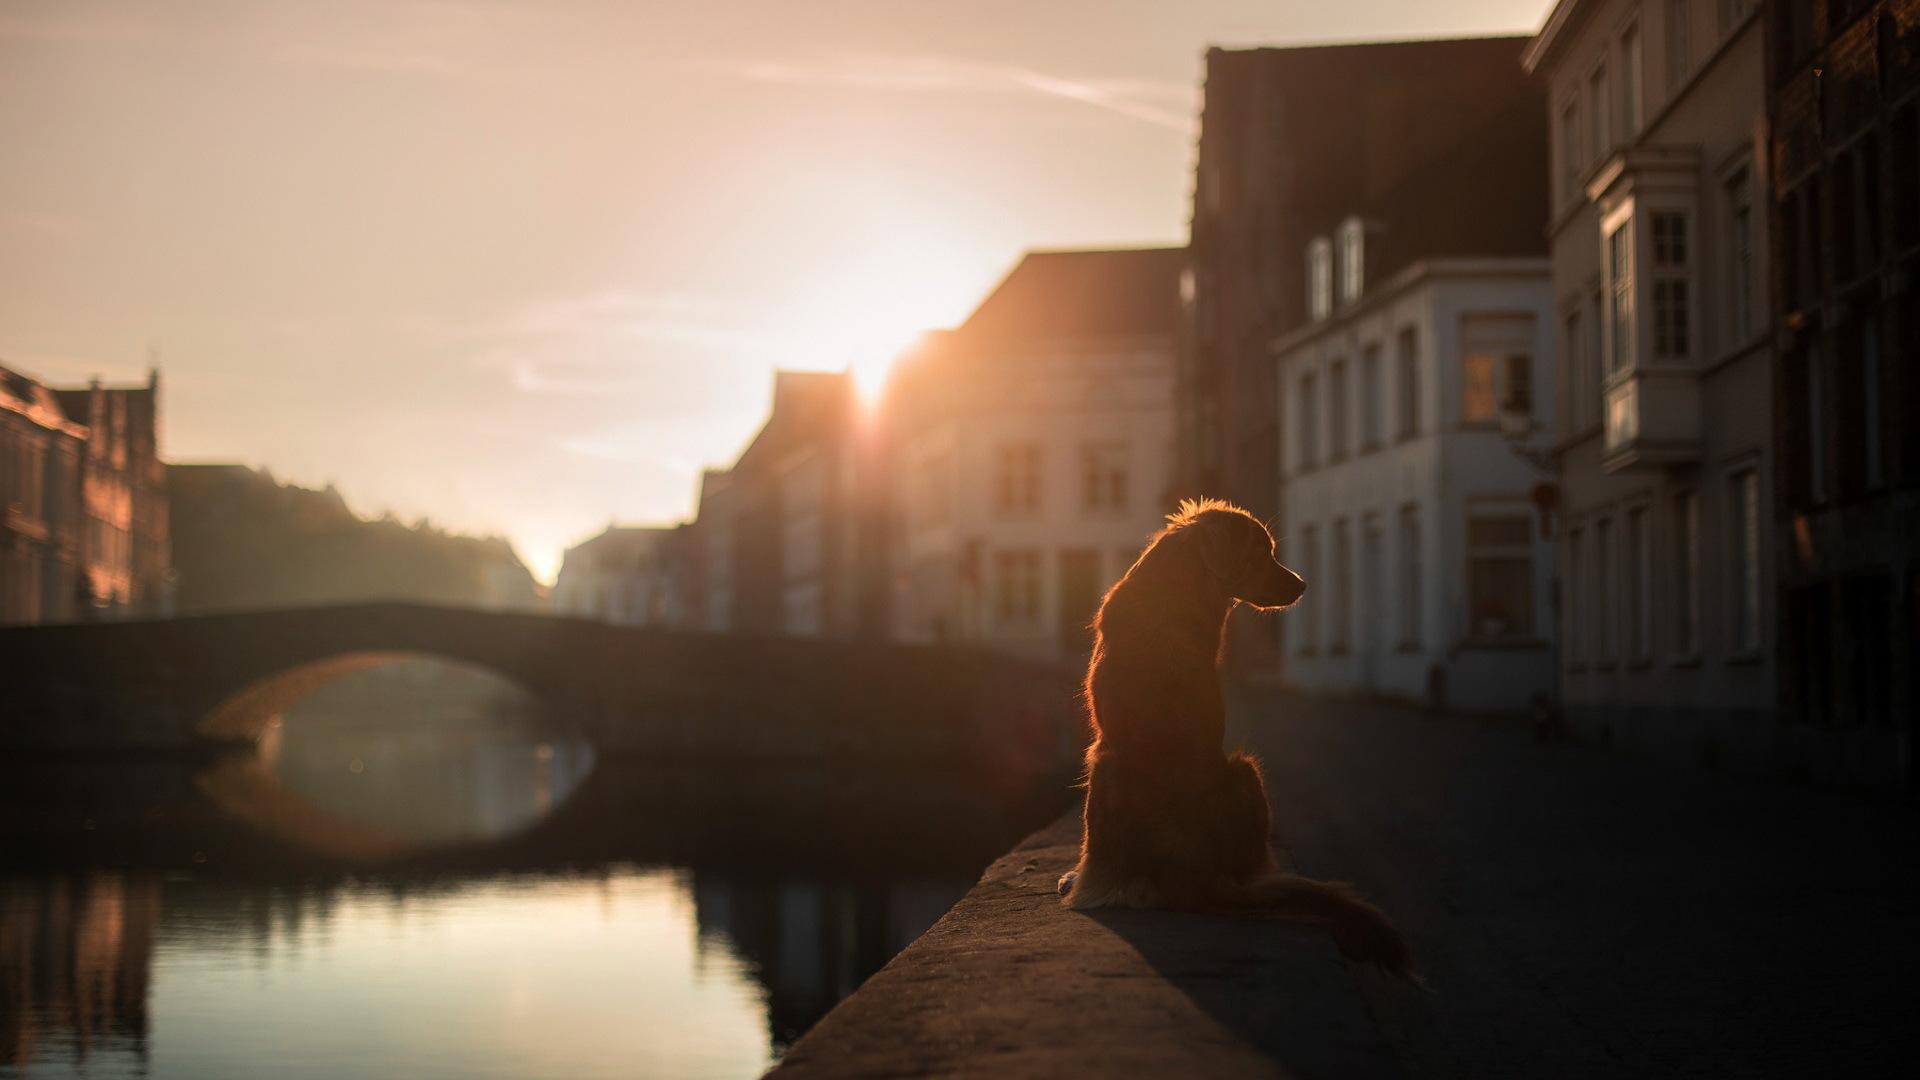 Картинка: Собака, сидит, закат, вода, мост, дома, улица